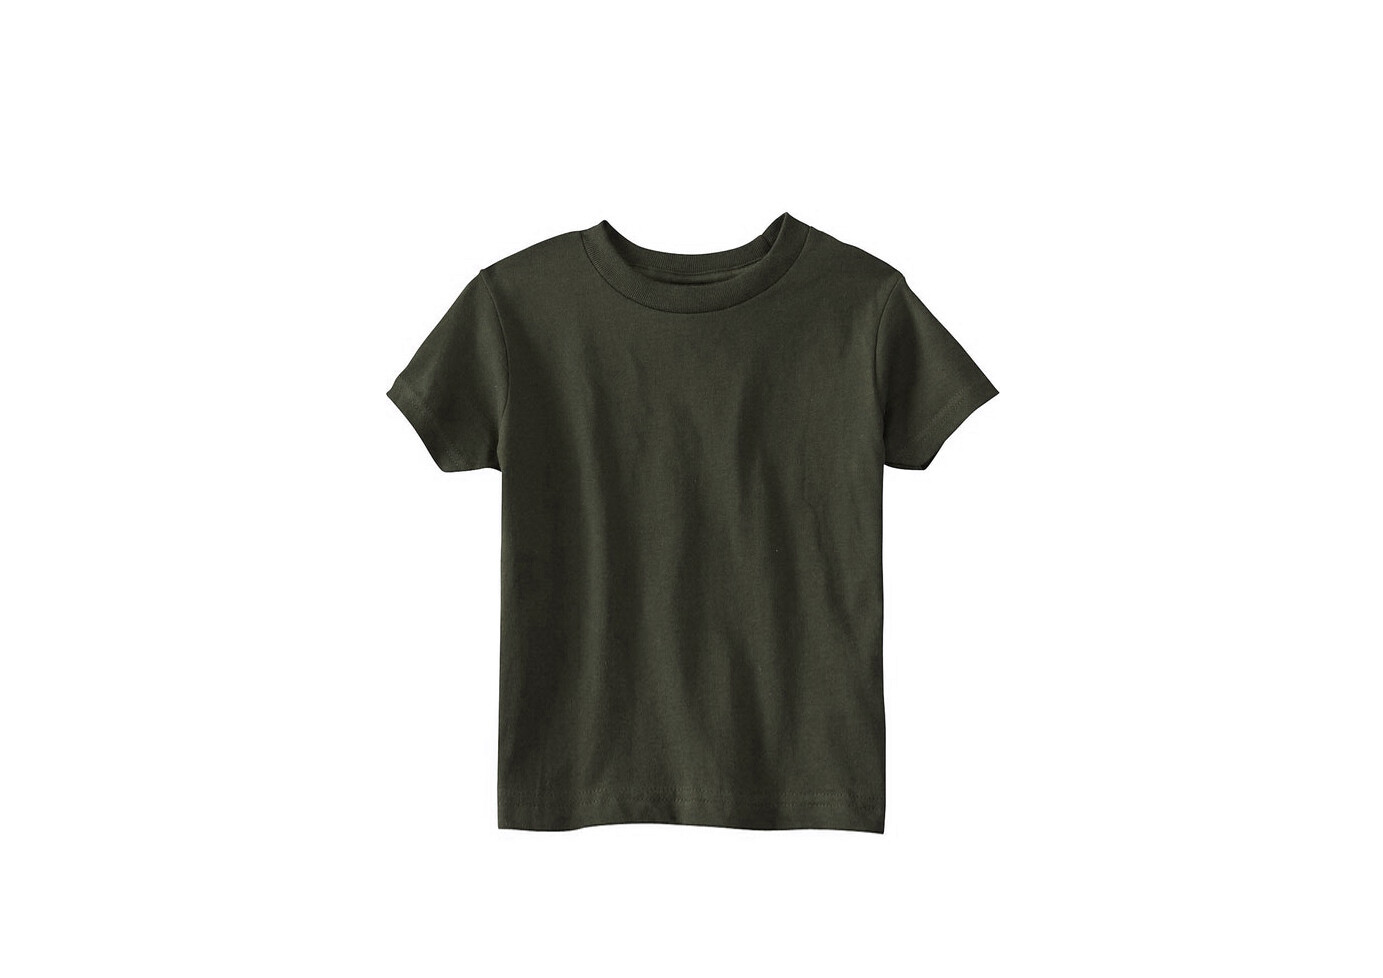 Little Sprout™ Organic Baby/Kids T-Shirt | Dark Pine